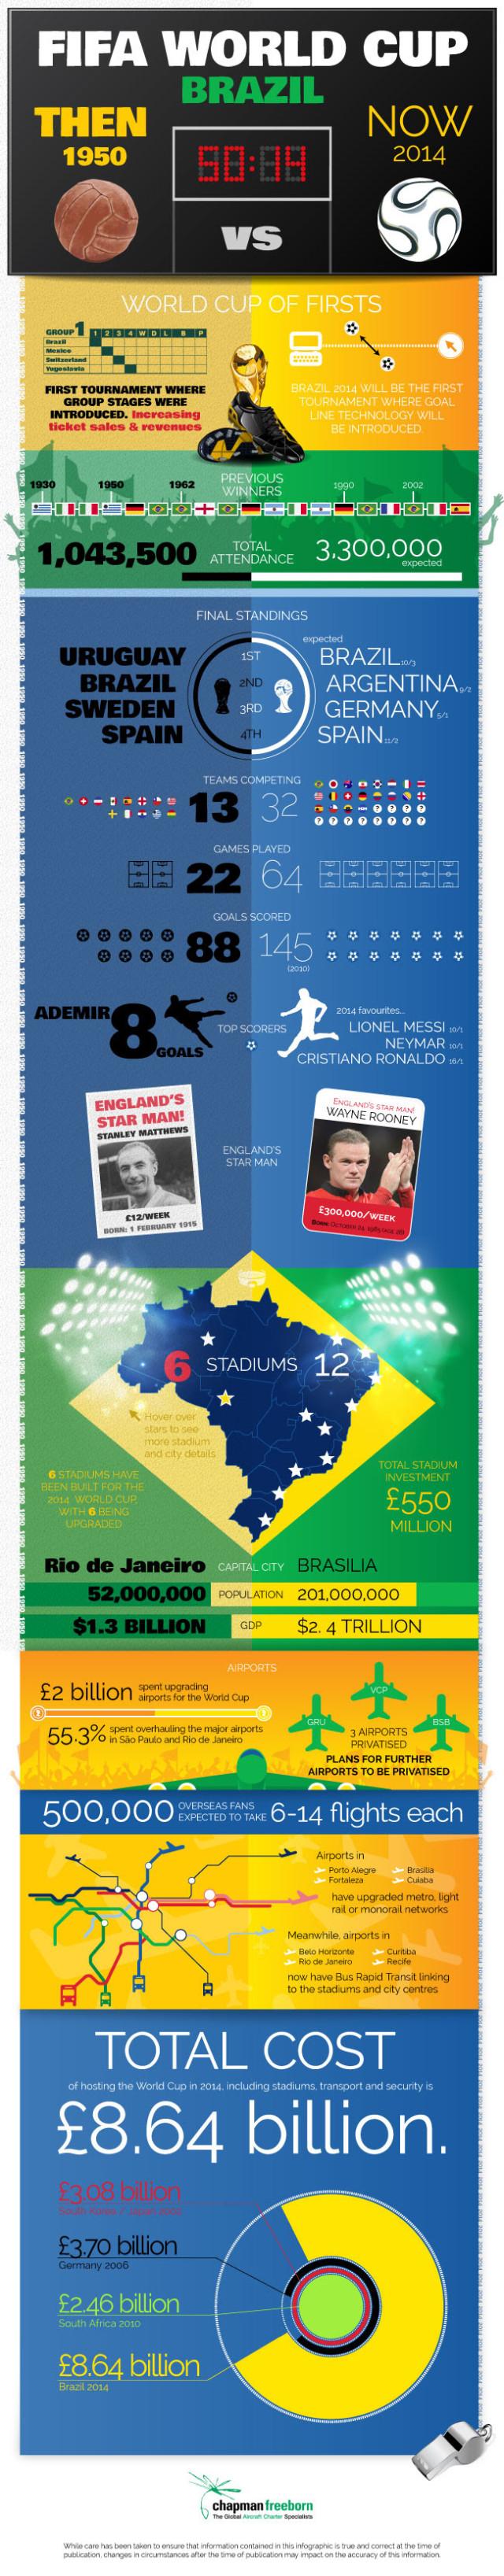 Brazil World Cup info